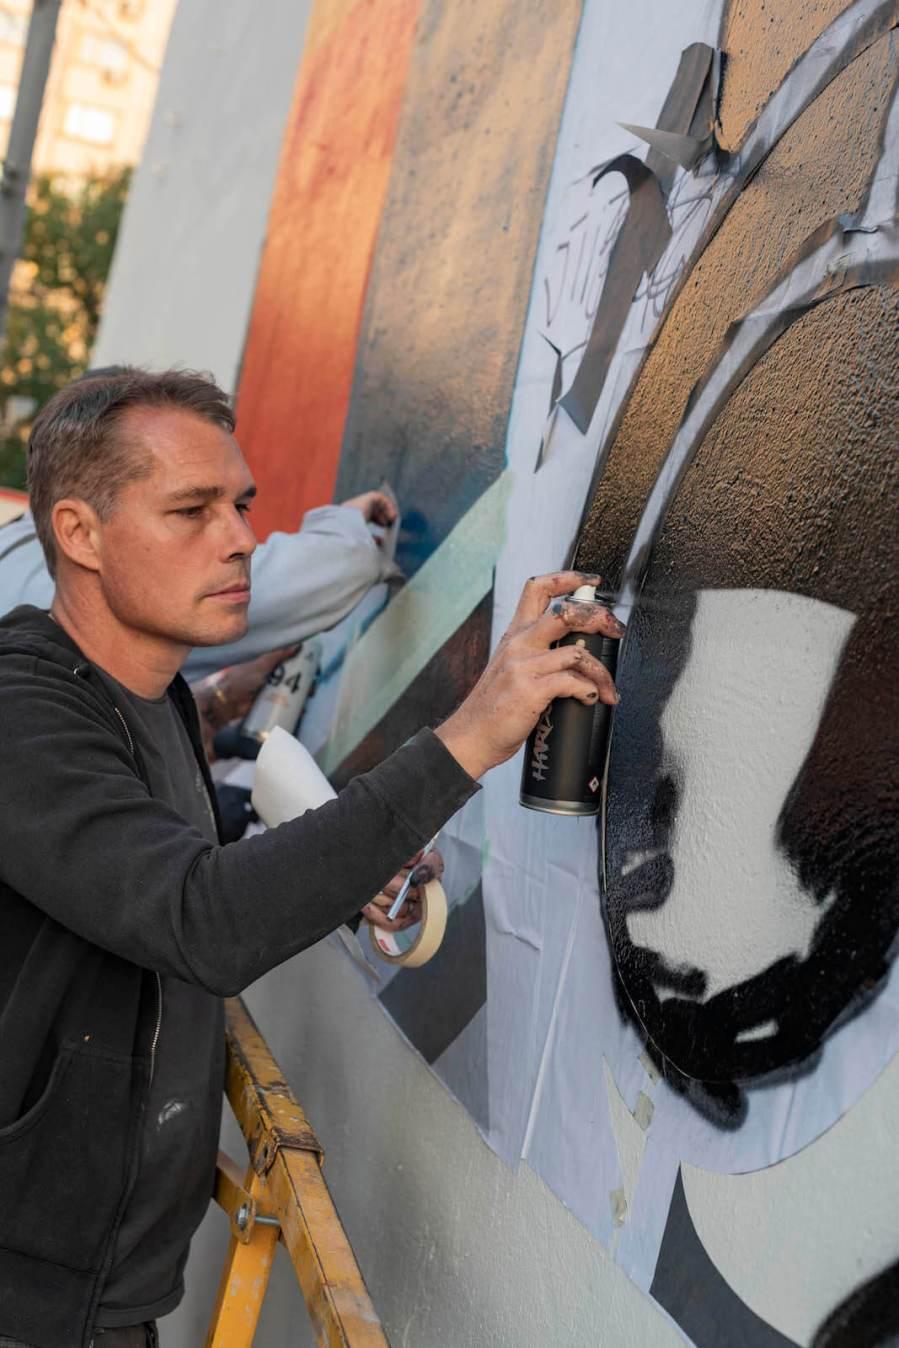 Shepard Fairey, Obey, Street Art Biennale, Artmossphere, Moscow. 2018 Photo Credit Vasiliy Kudryavtsev